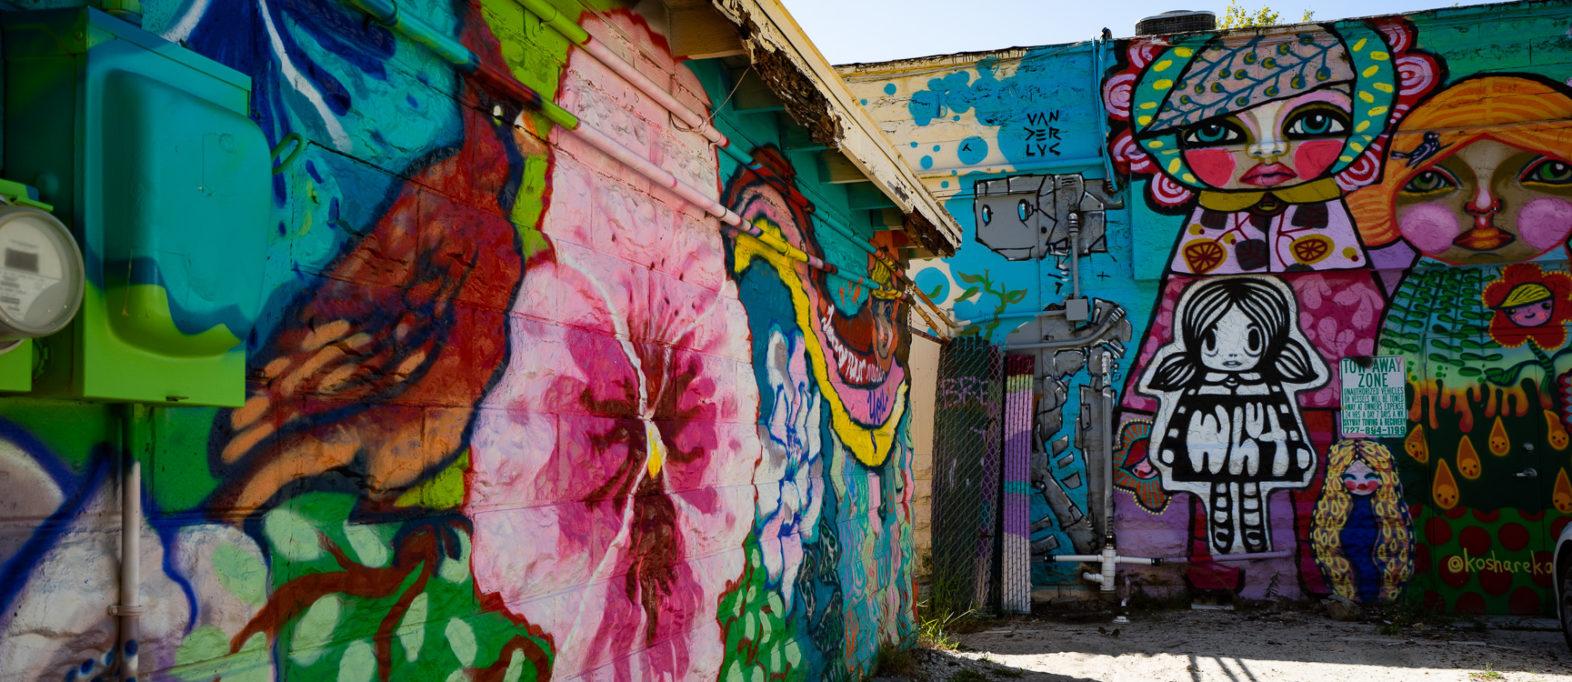 florida-clearwater-stpete-sehenswuerdigkeiten-street-art